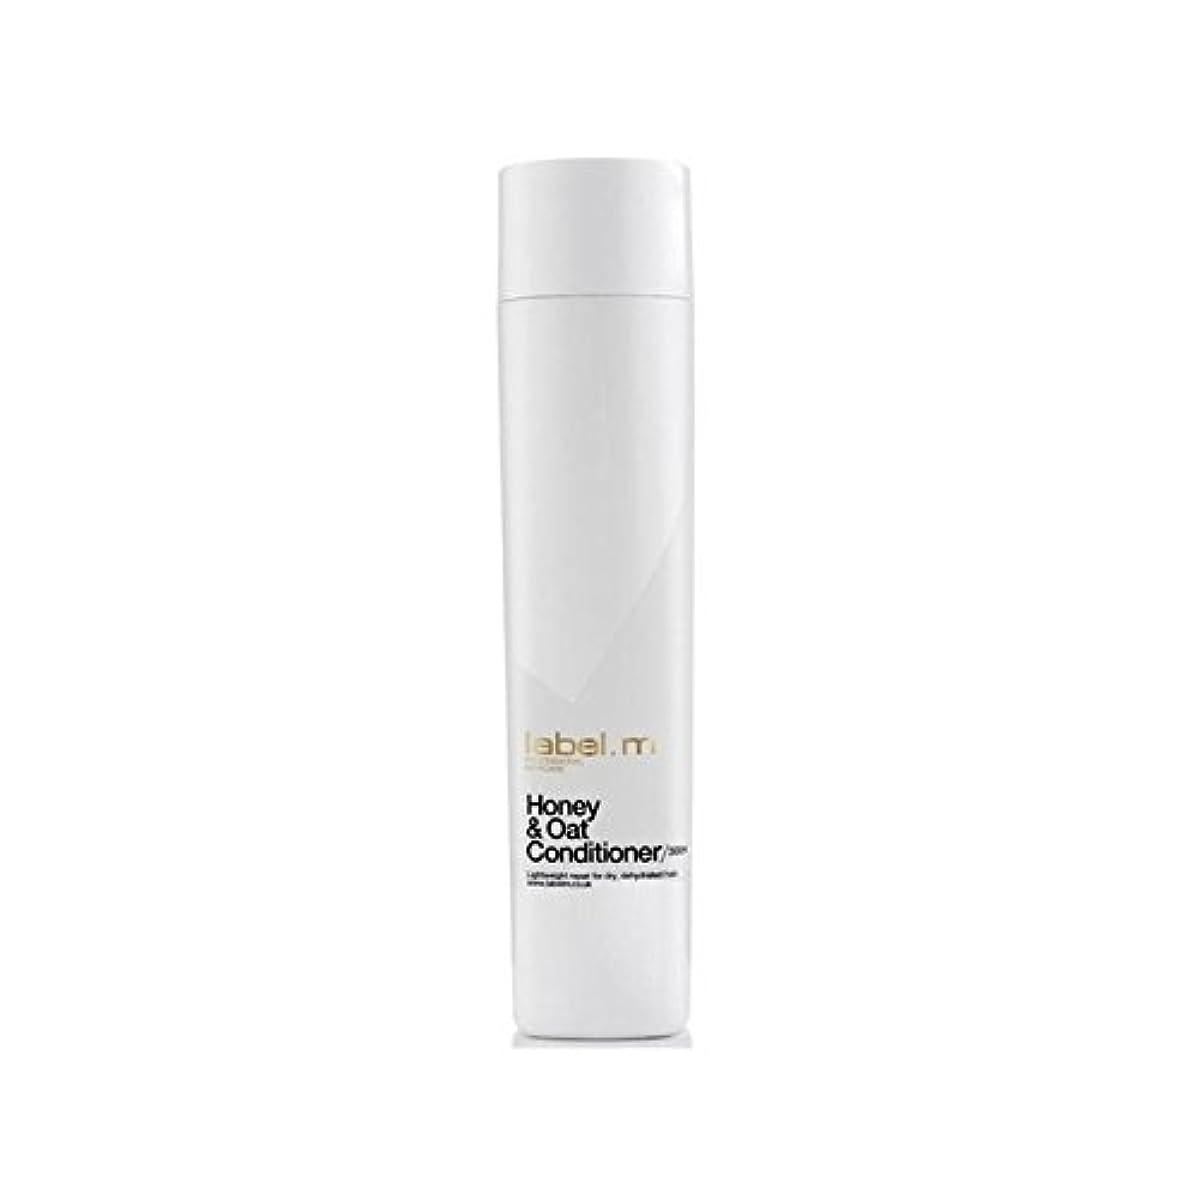 荒らすコピー有名Label.M Honey & Oat Conditioner (300ml) (Pack of 6) - .ハニー&オーツ麦コンディショナー(300ミリリットル) x6 [並行輸入品]